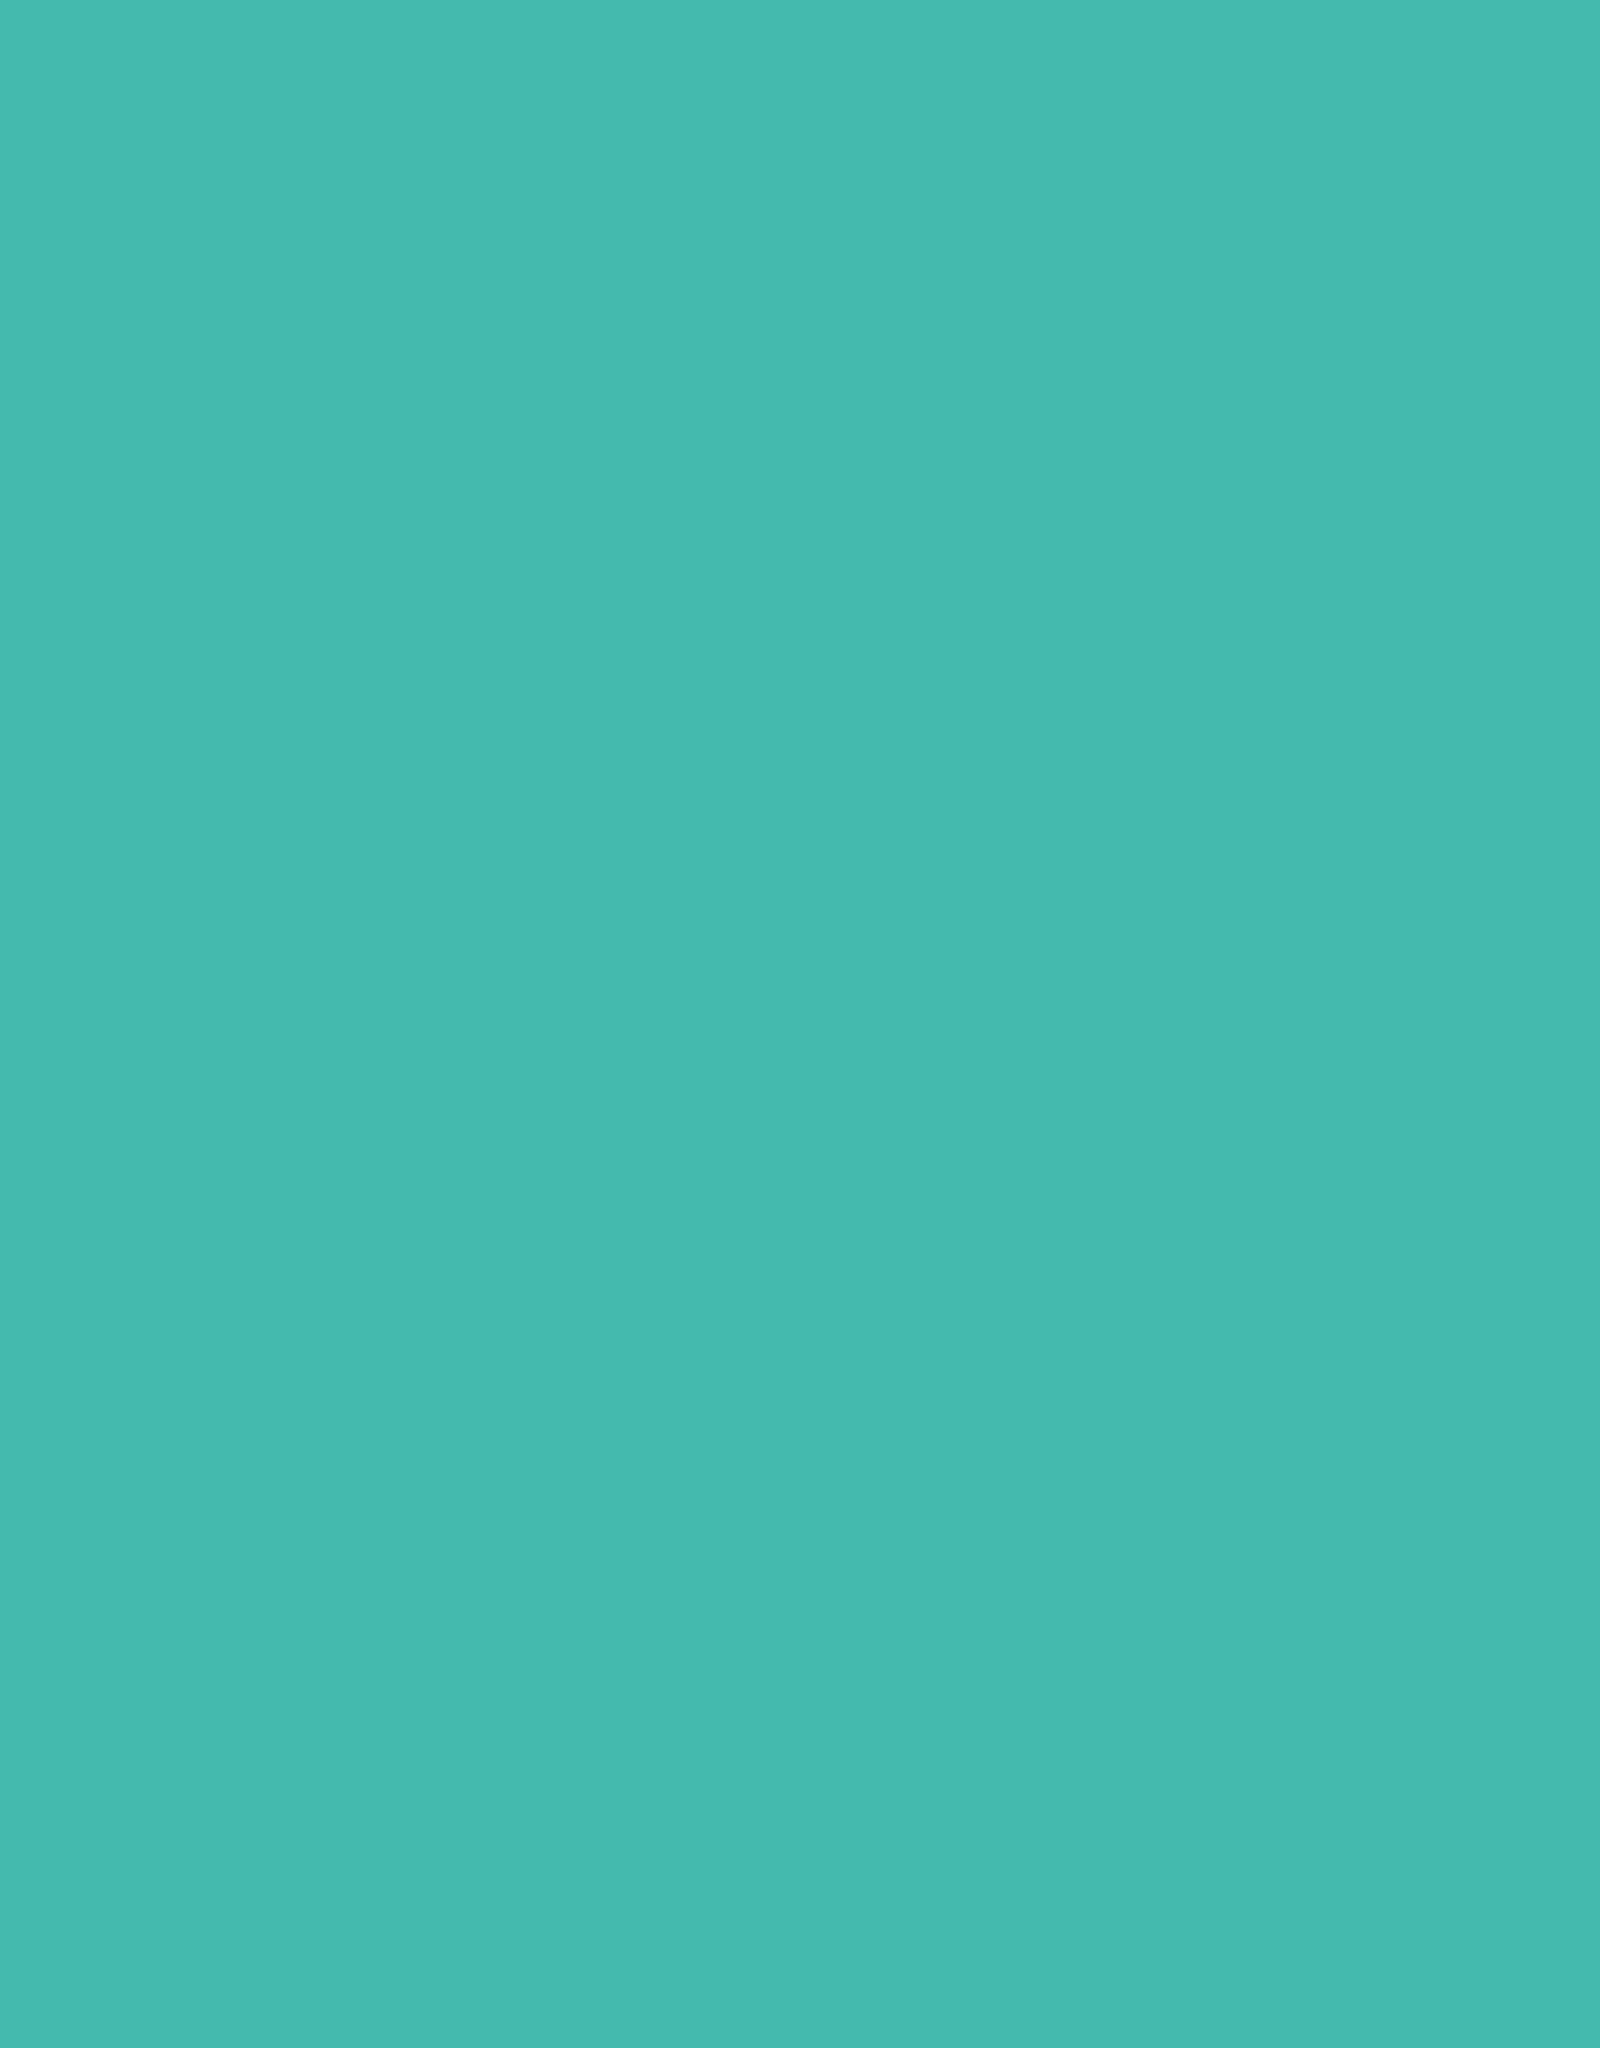 Trapsuutjies Stofffarbe Aqua (undurchsichtig) L